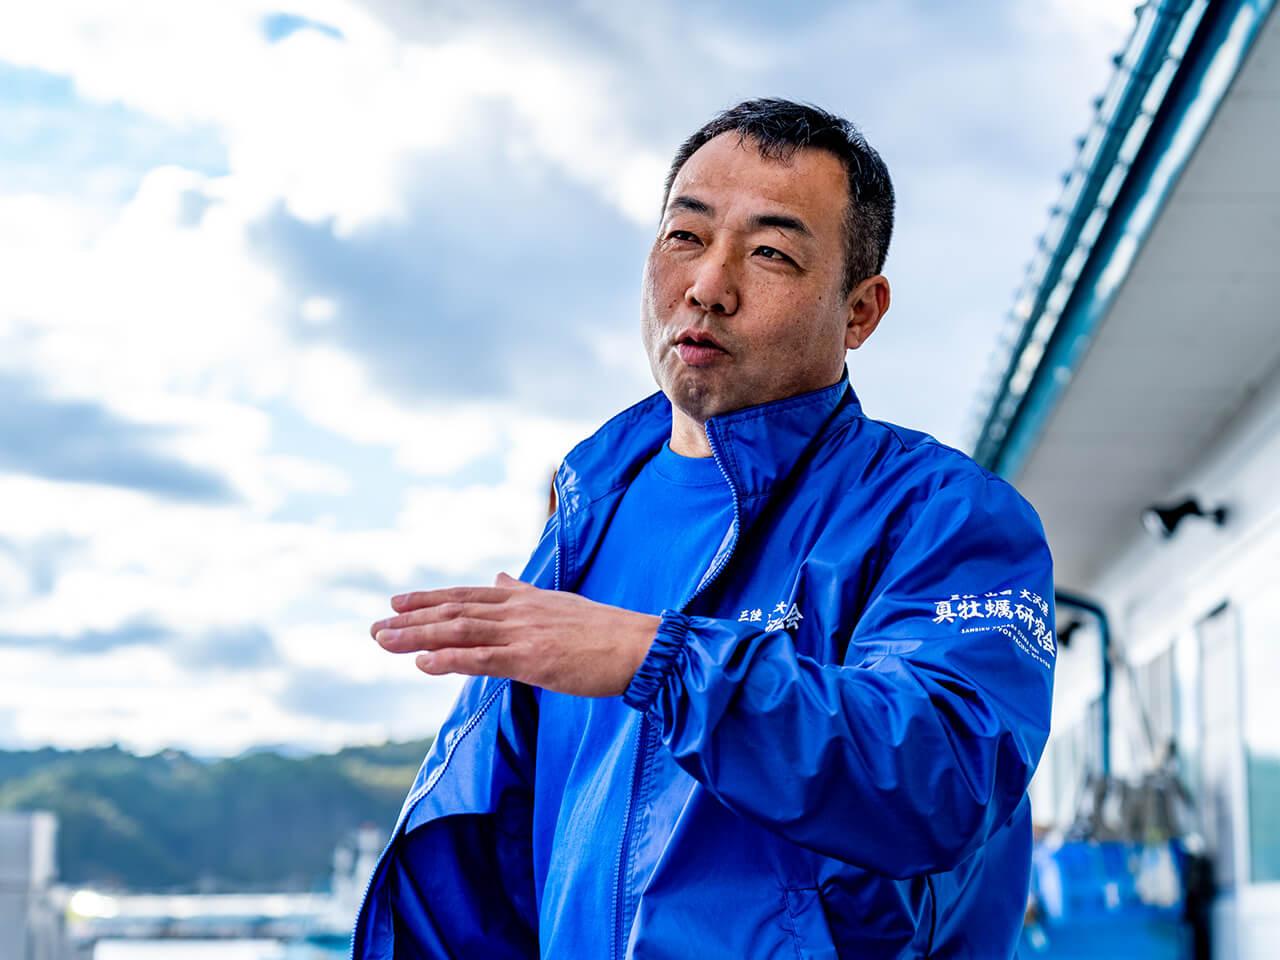 真牡蠣研究会代表 漁吉丸 福士貴広